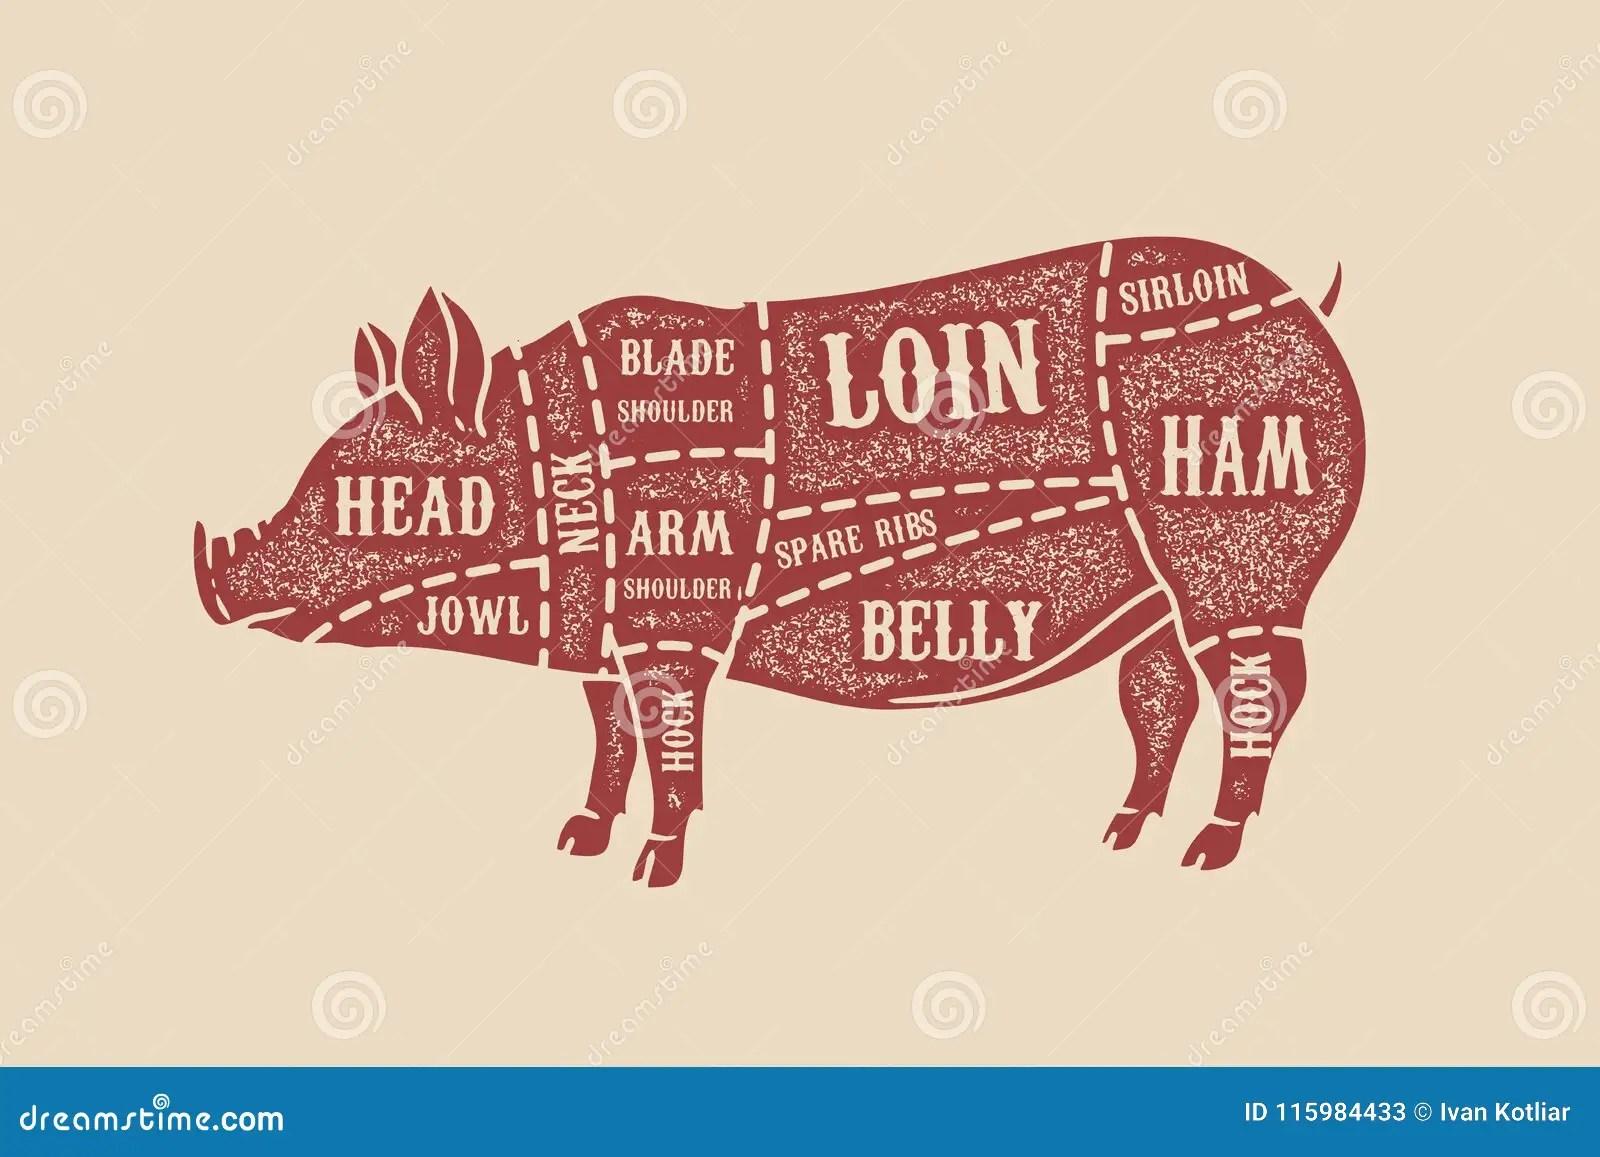 pig cuts diagram hopkins 7 blade wiring butcher pork design element for poster card emblem badge